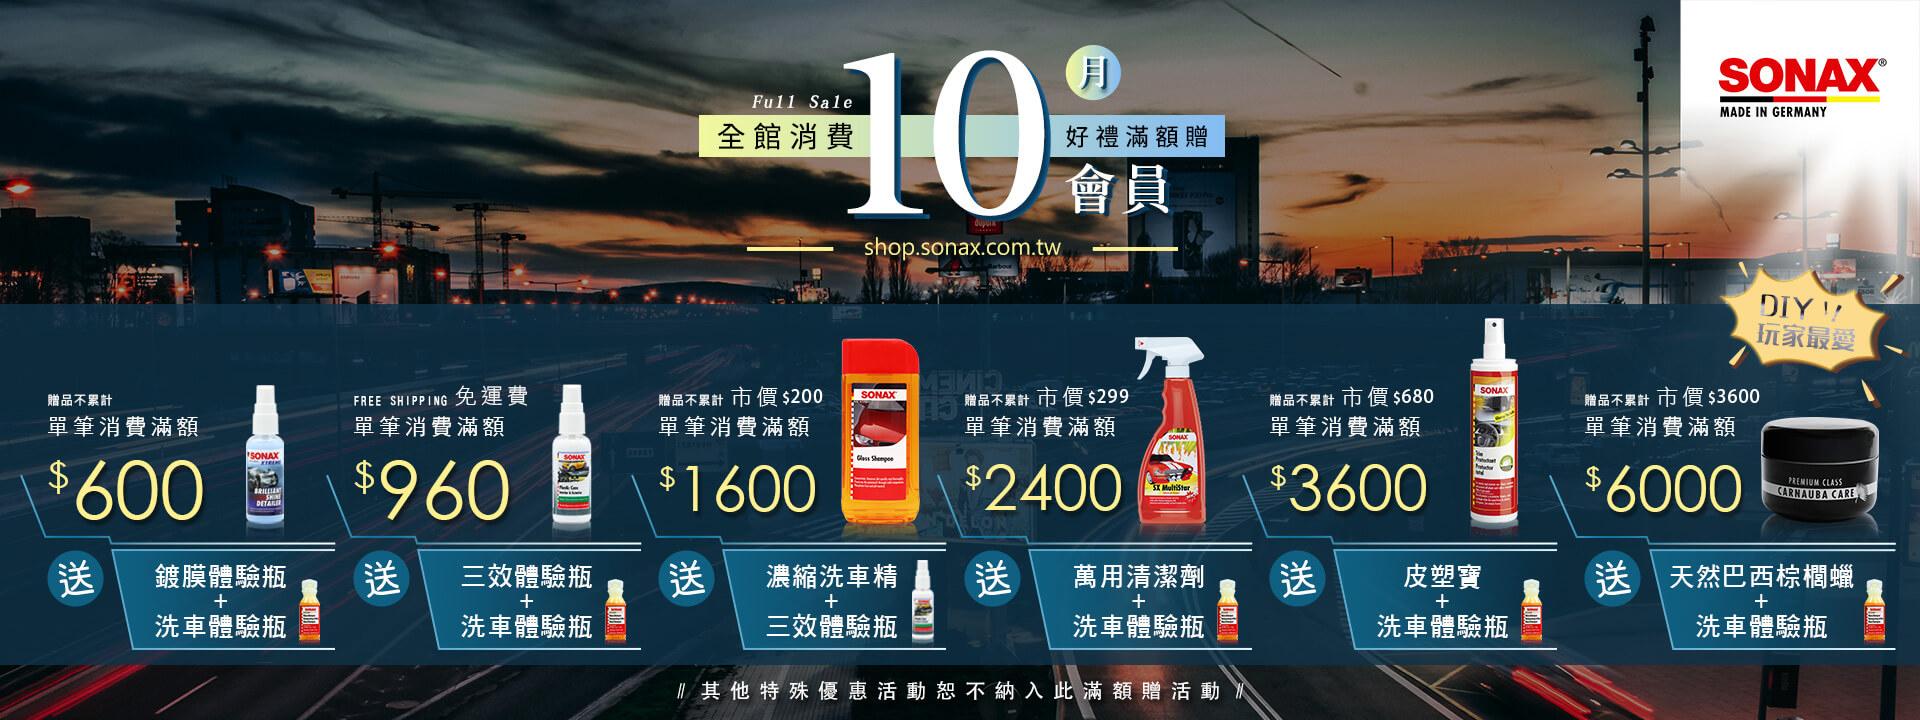 SONAX,皮塑寶,鍍膜劑,萬用清潔劑,汽車鍍膜劑,天然巴西棕櫚蠟,洗車精